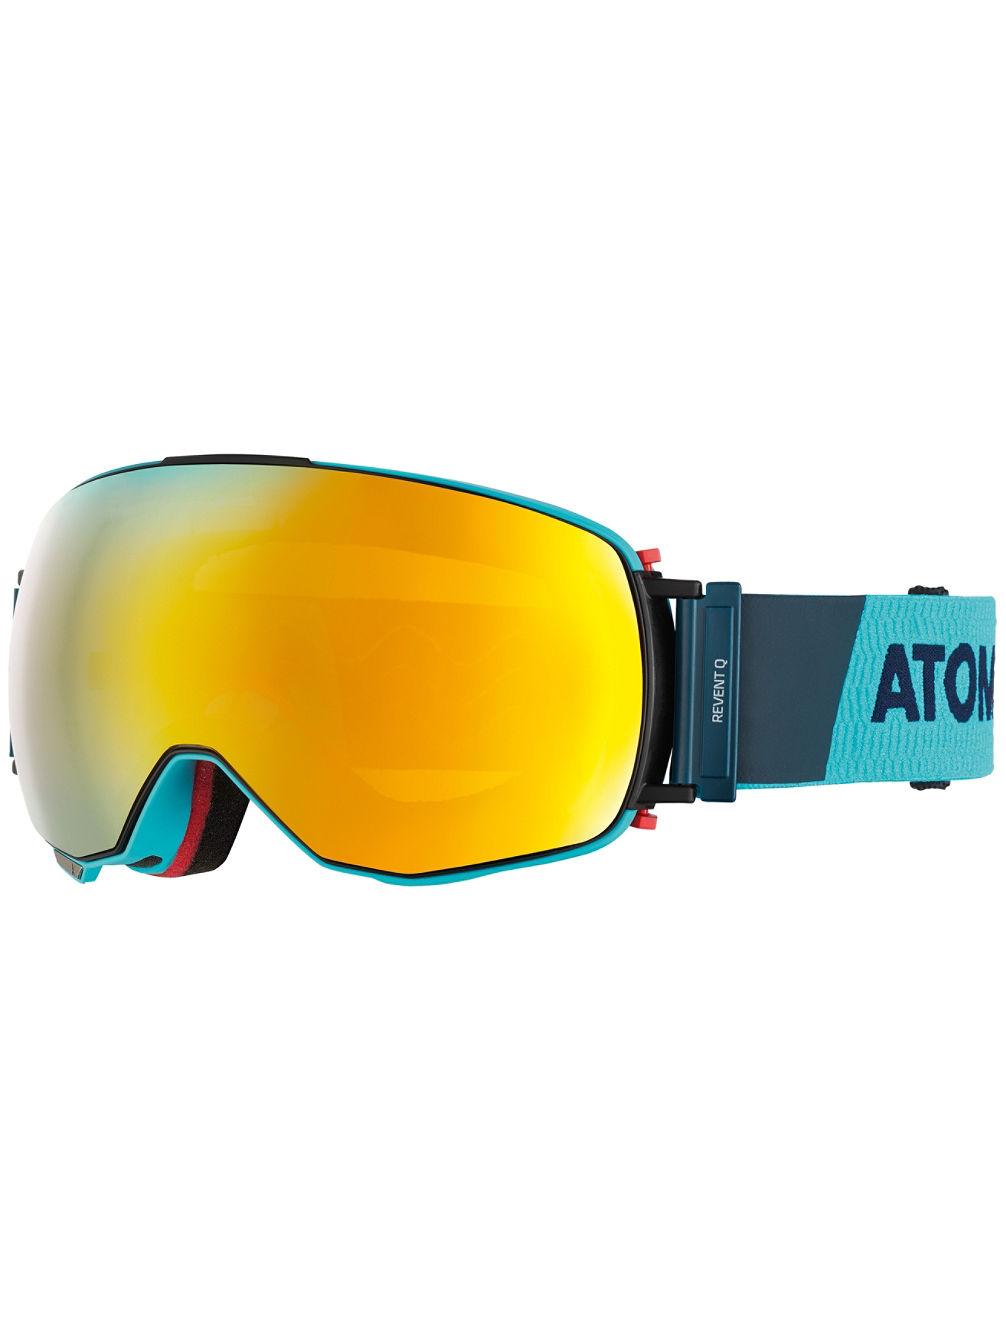 30566b1d417 Buy Atomic Revent Q Blue (+ Bonus Lens) online at Blue Tomato